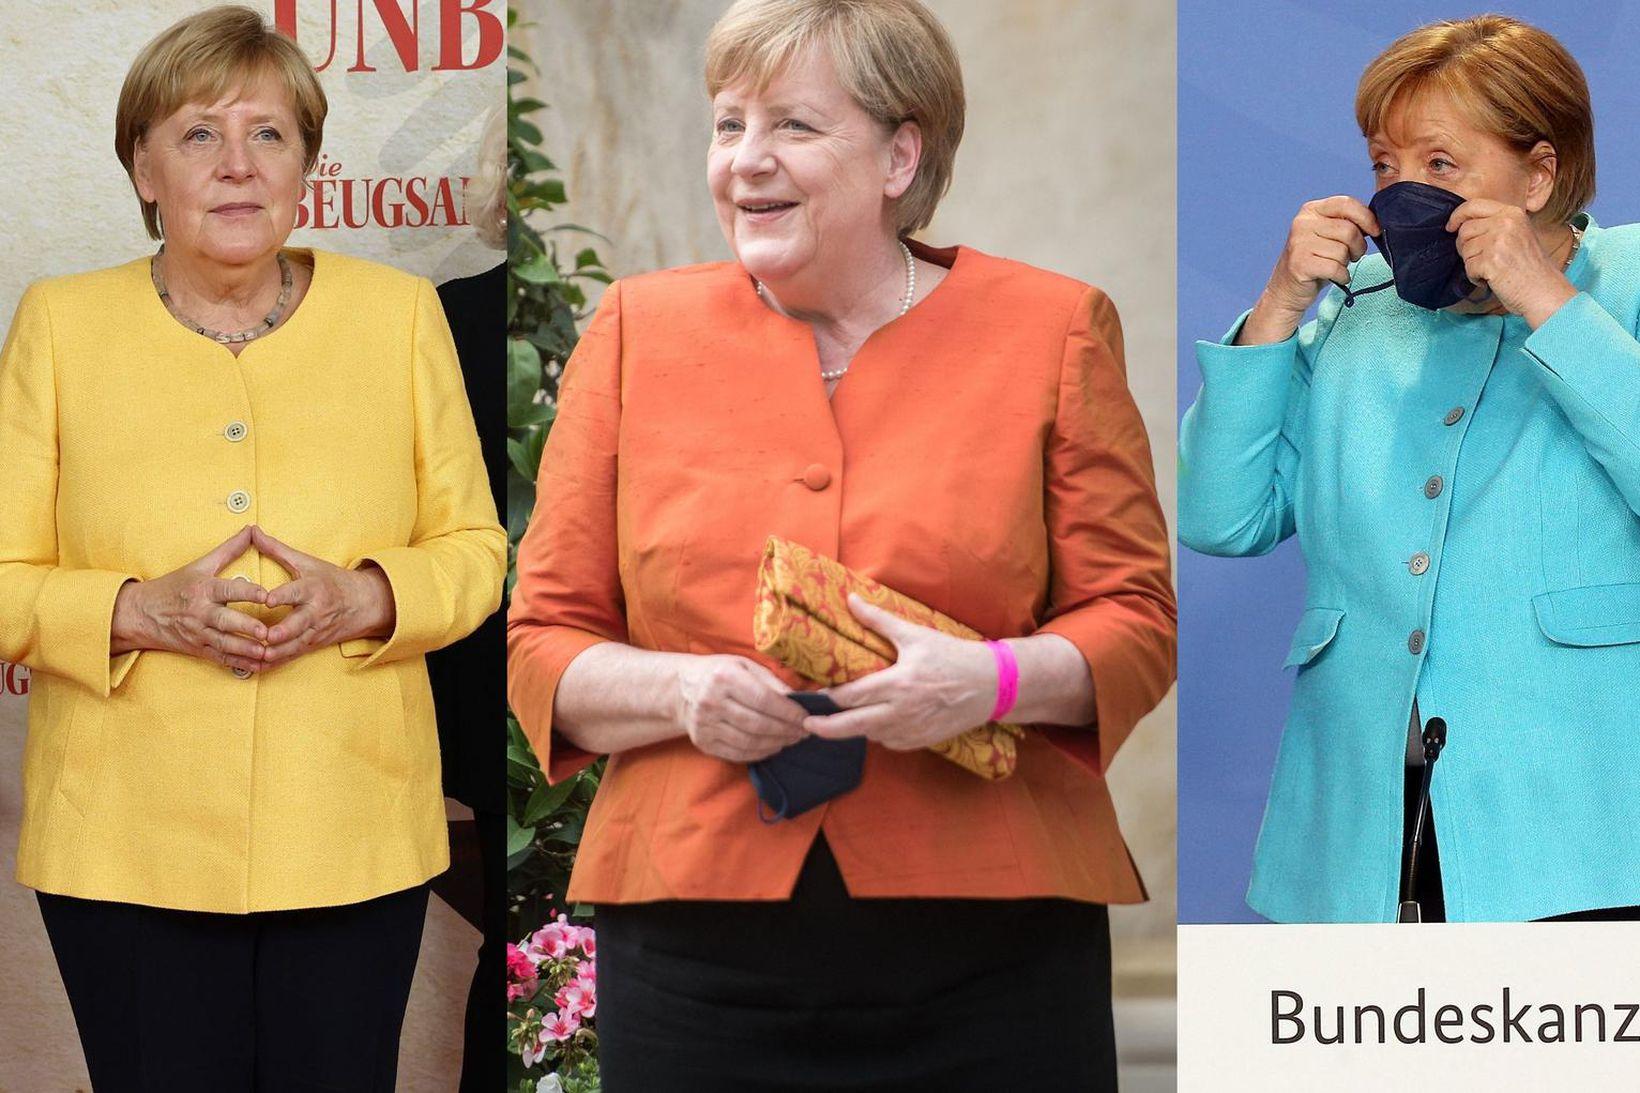 Angela Merkel hefur komið sér upp hinum fullkomna fataskáp hinnar …